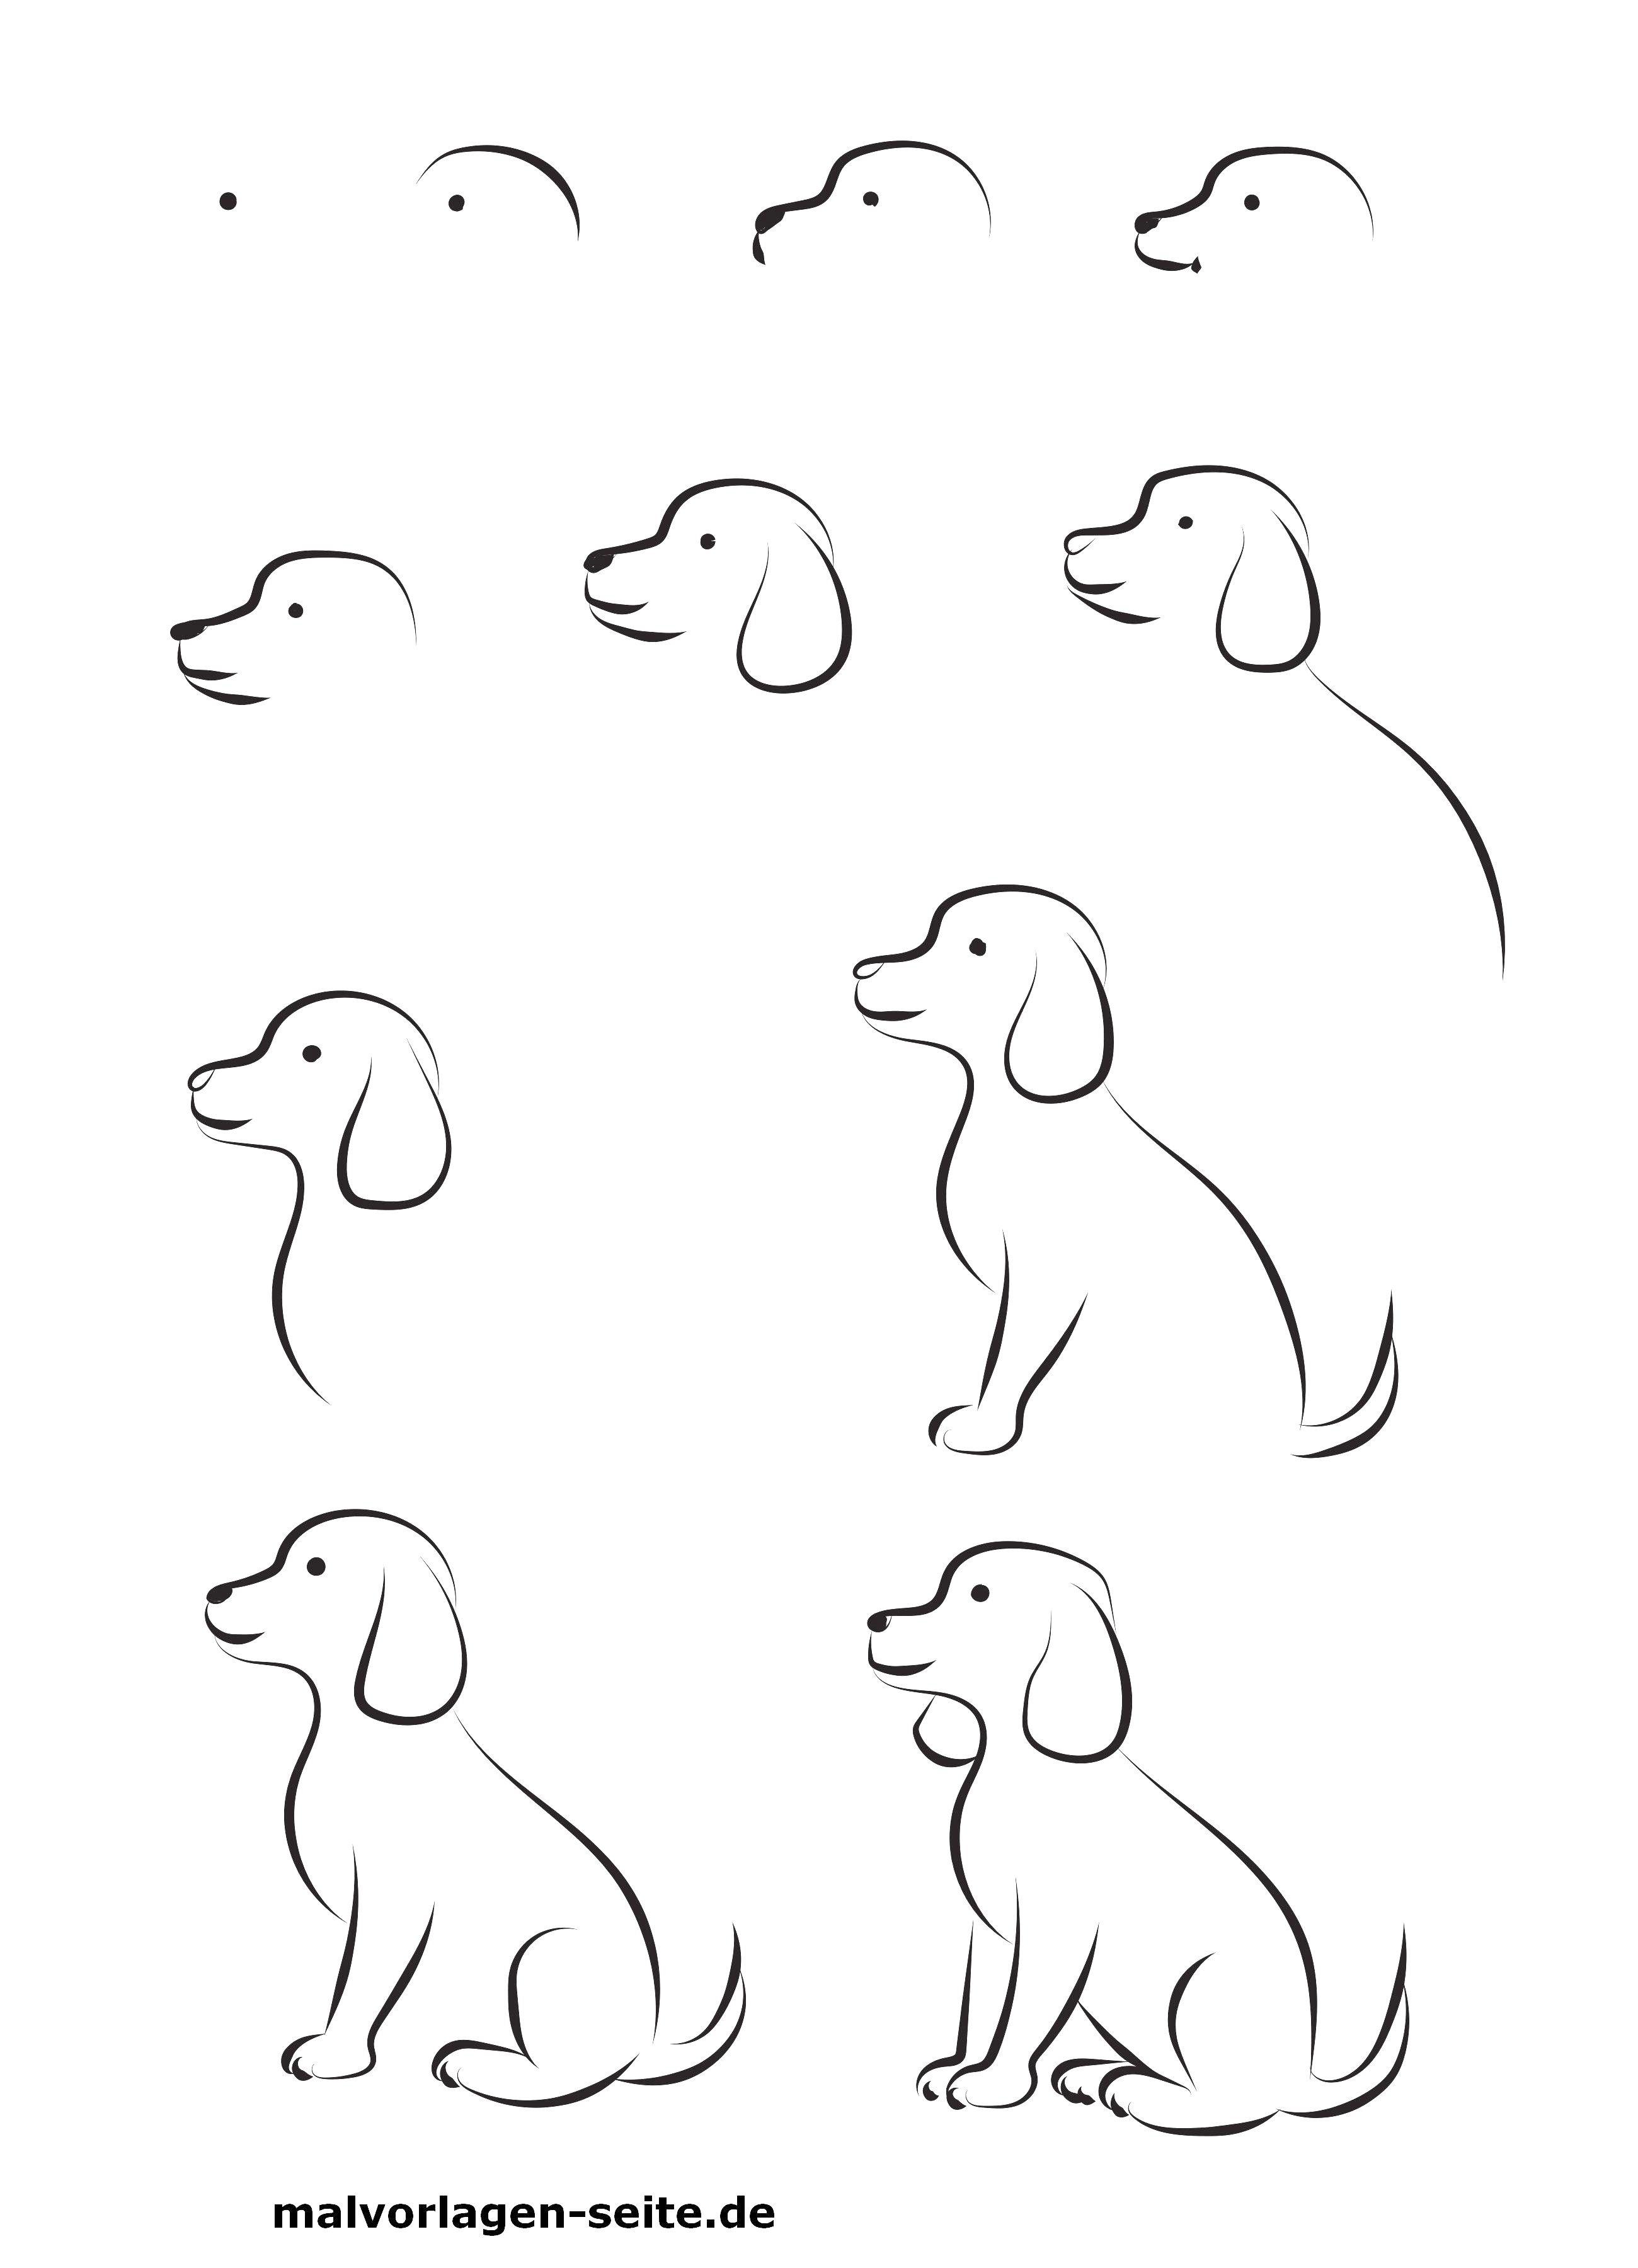 malen einfache motive  bilder malen einfach hund malen